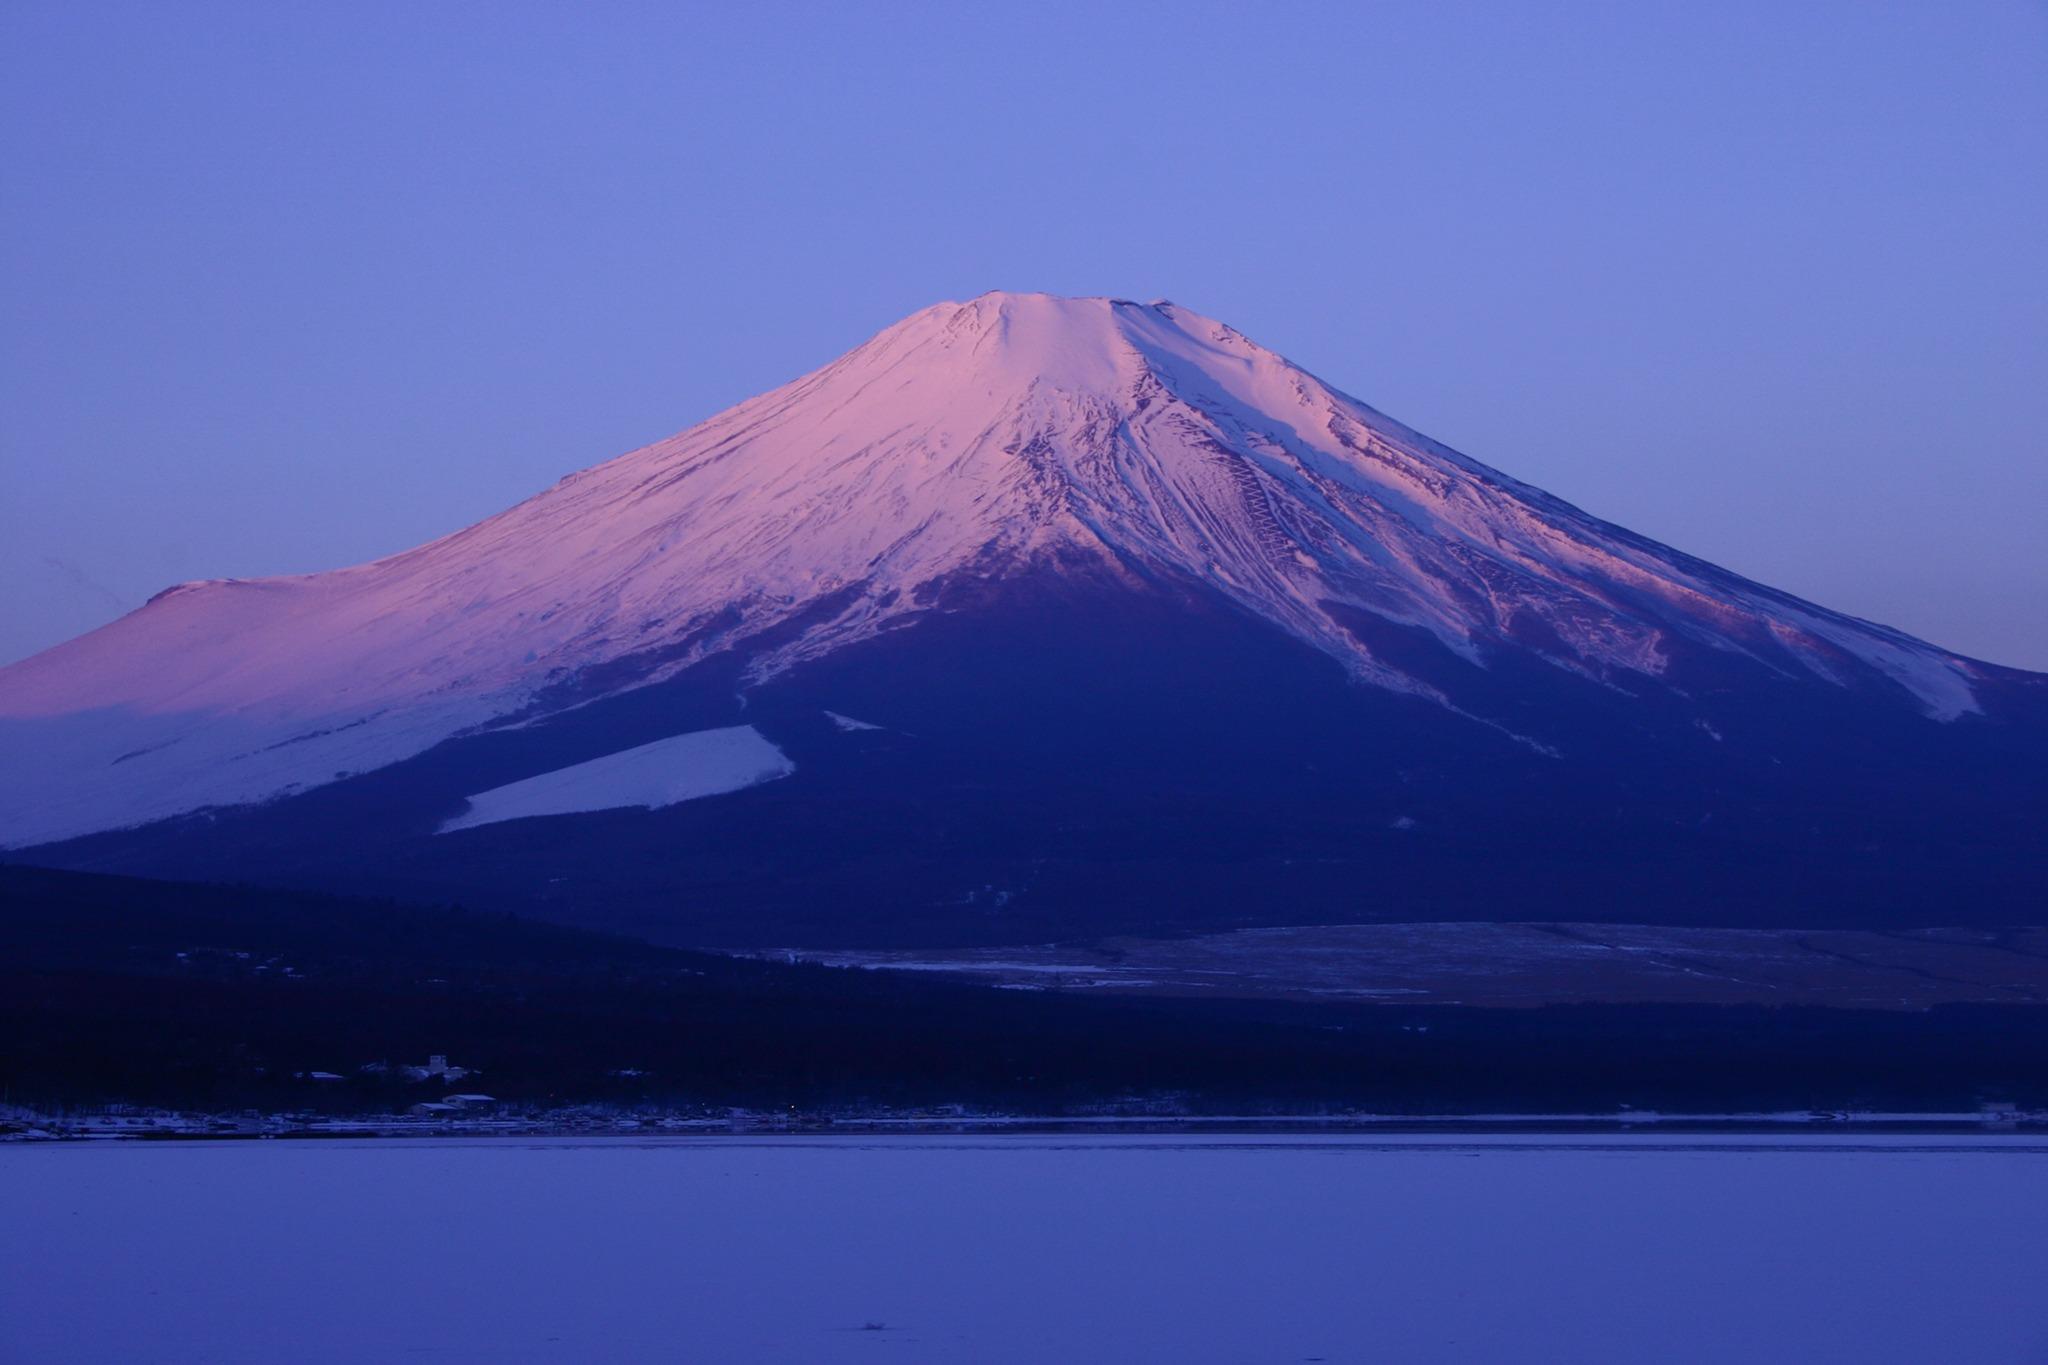 山中湖より紅富士を(ホワイトバランスの変更)